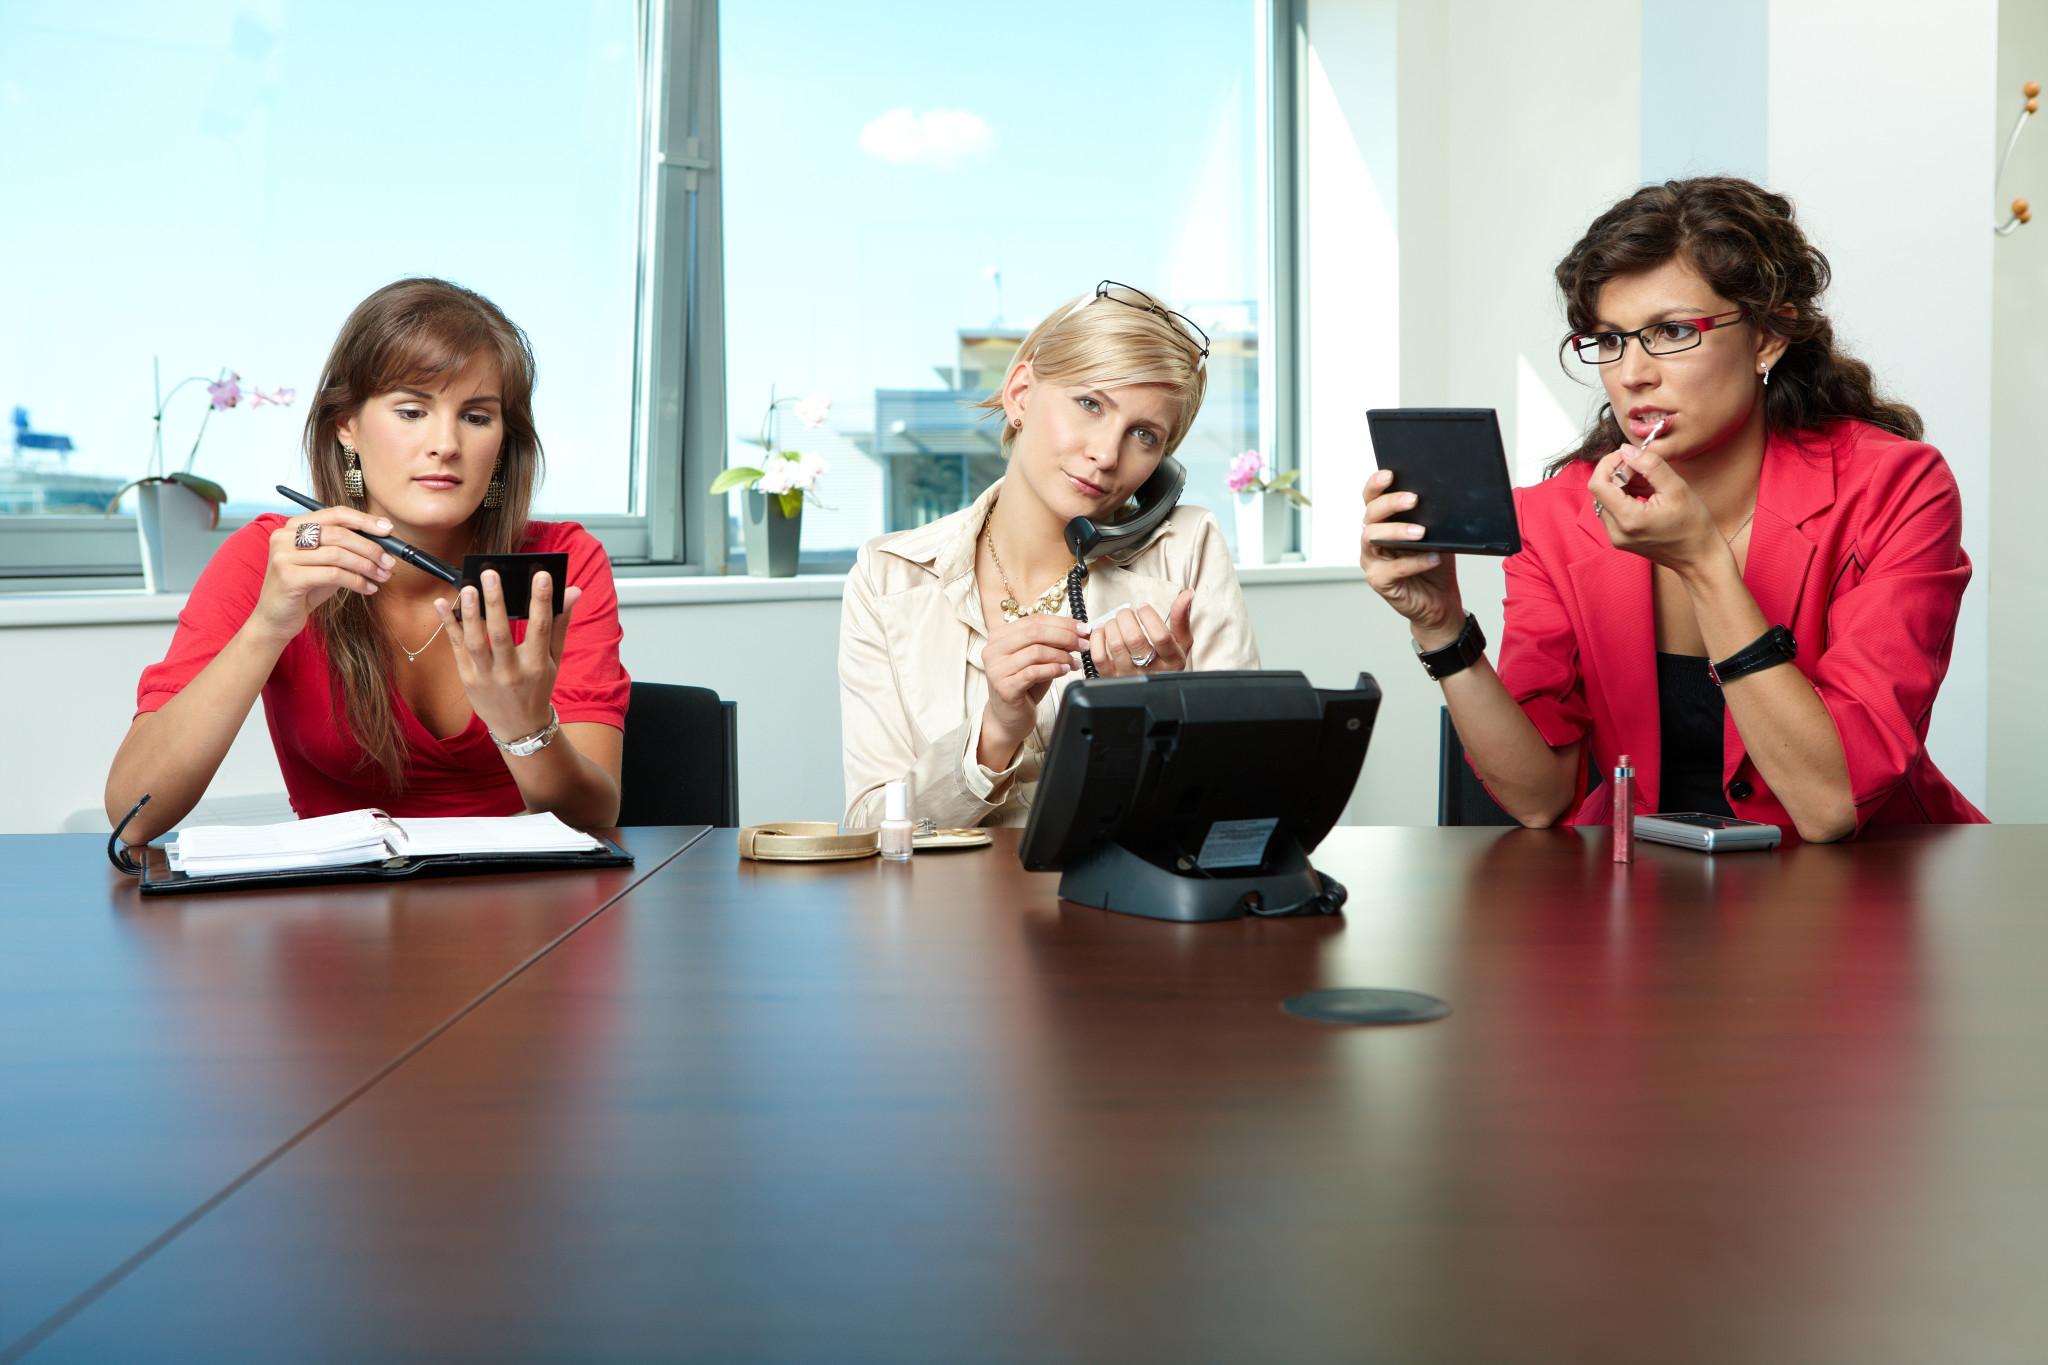 Работа в женском коллективе: плюсы и минусы